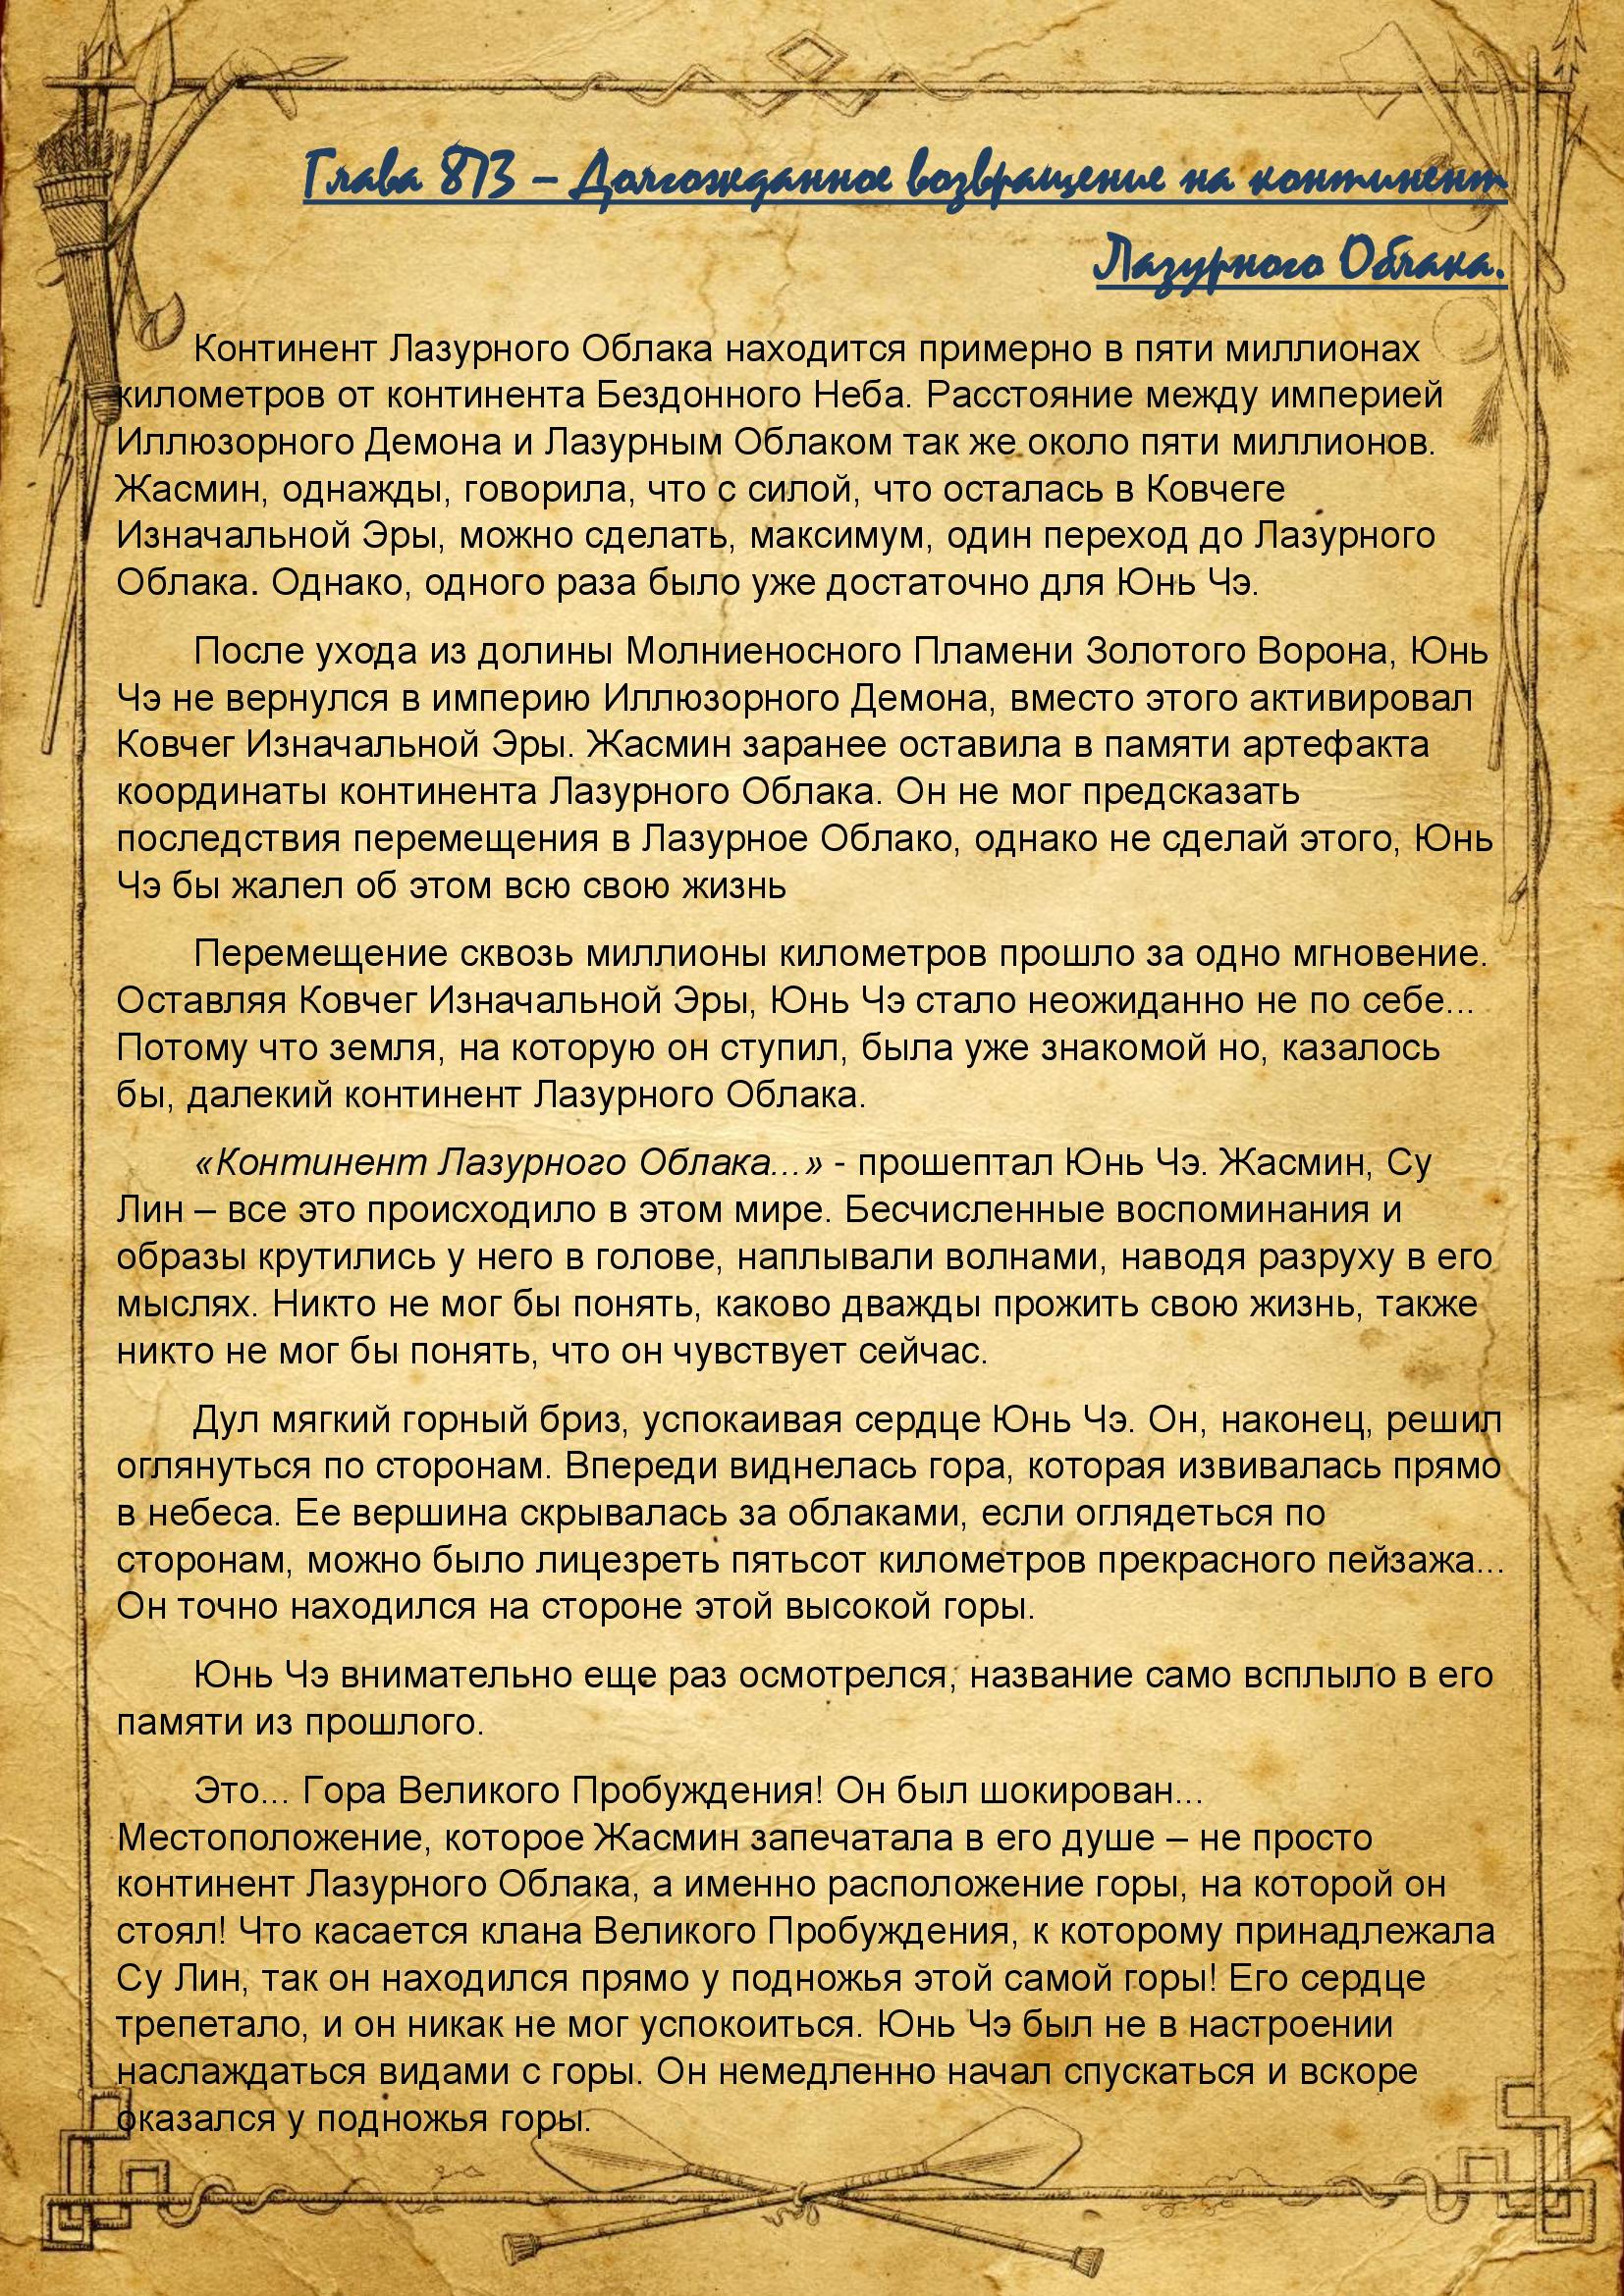 Восставший против Неба v8 - 873